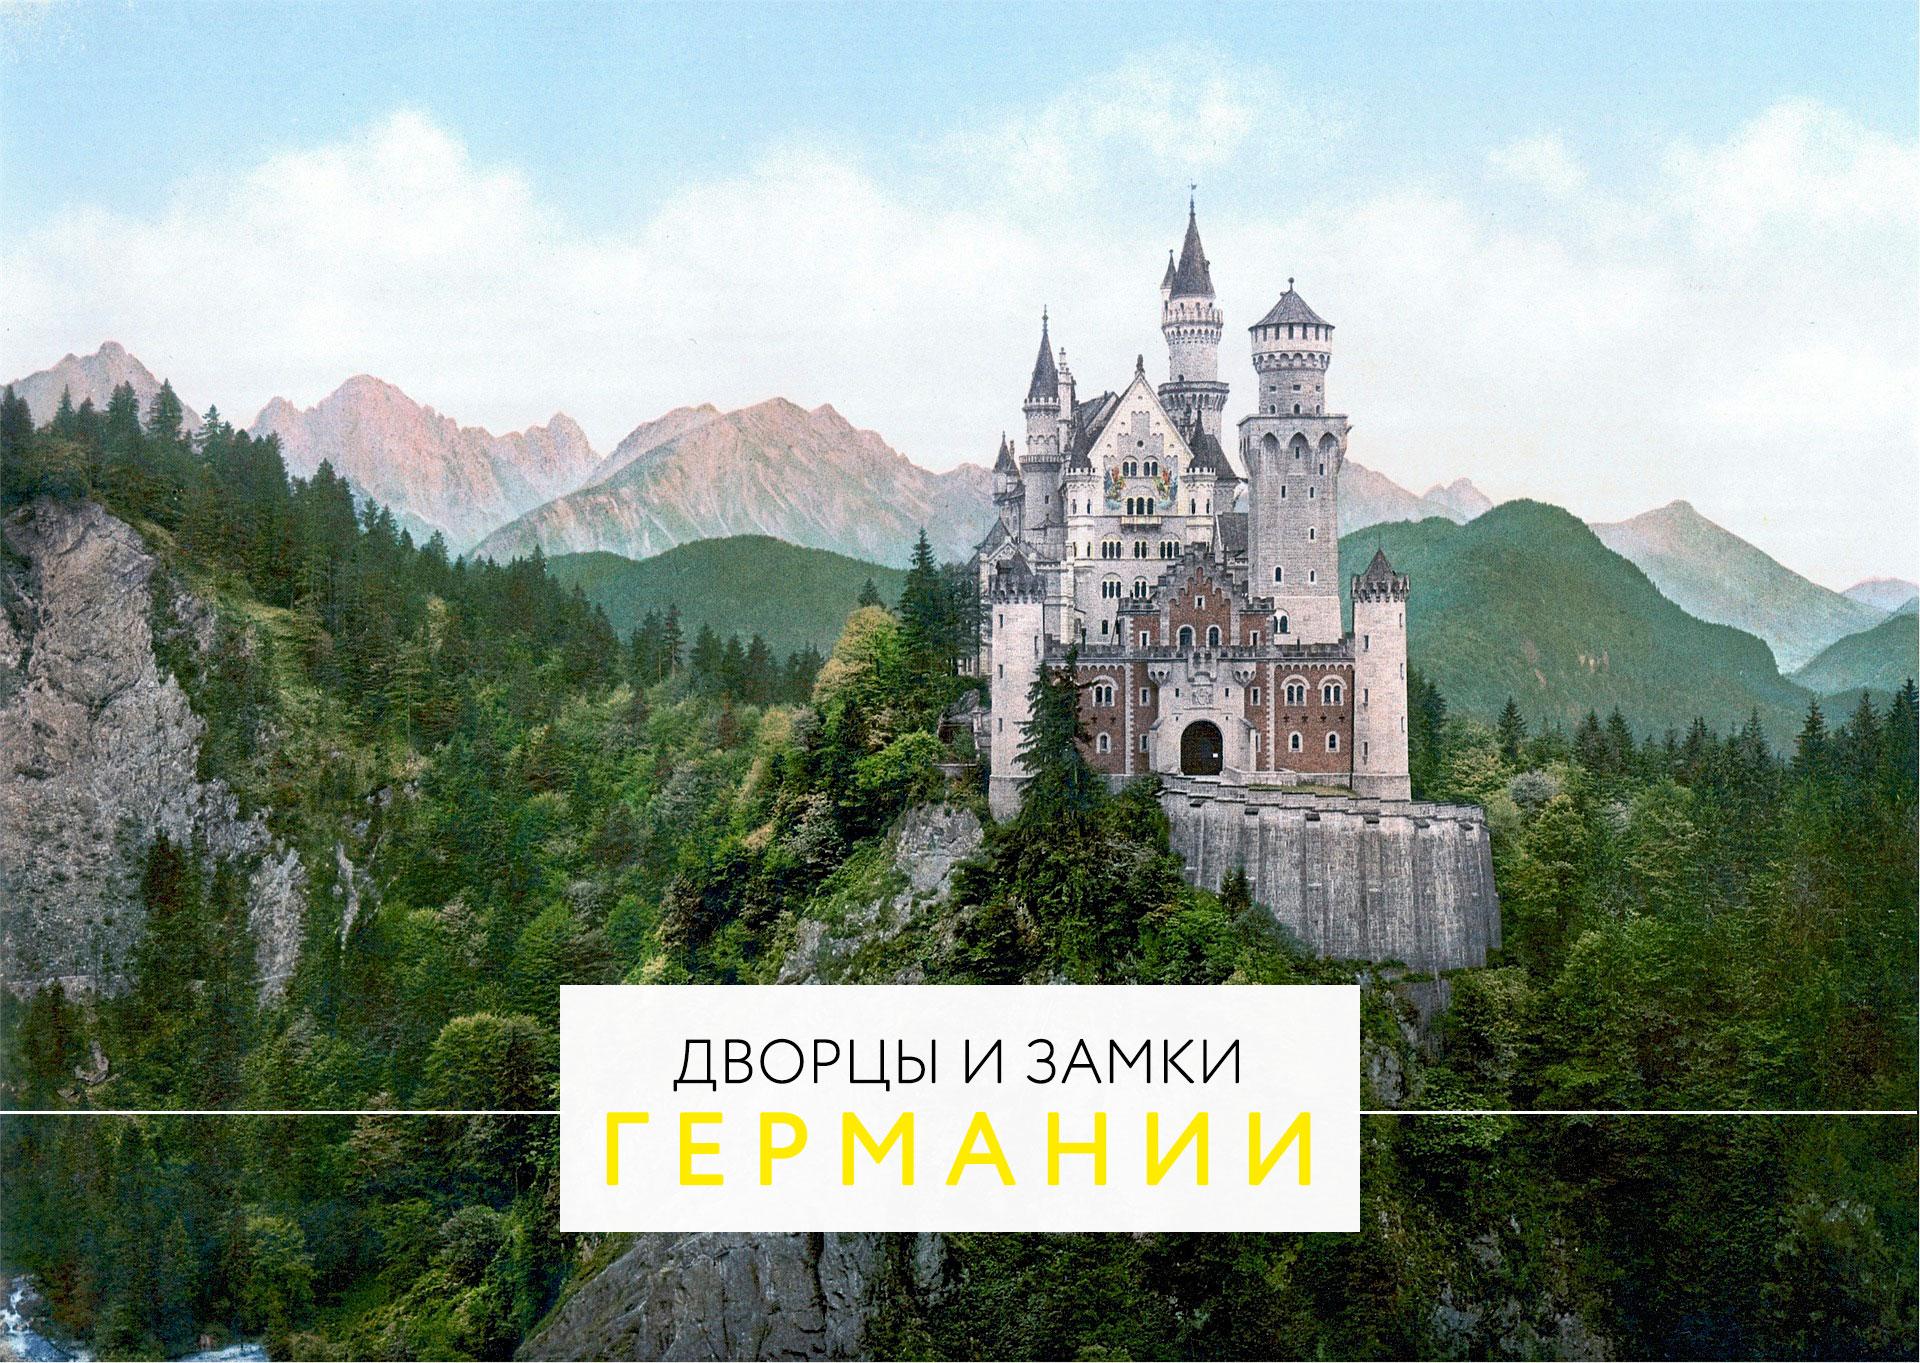 Замки Германии – 10 необычных замков и дворцов